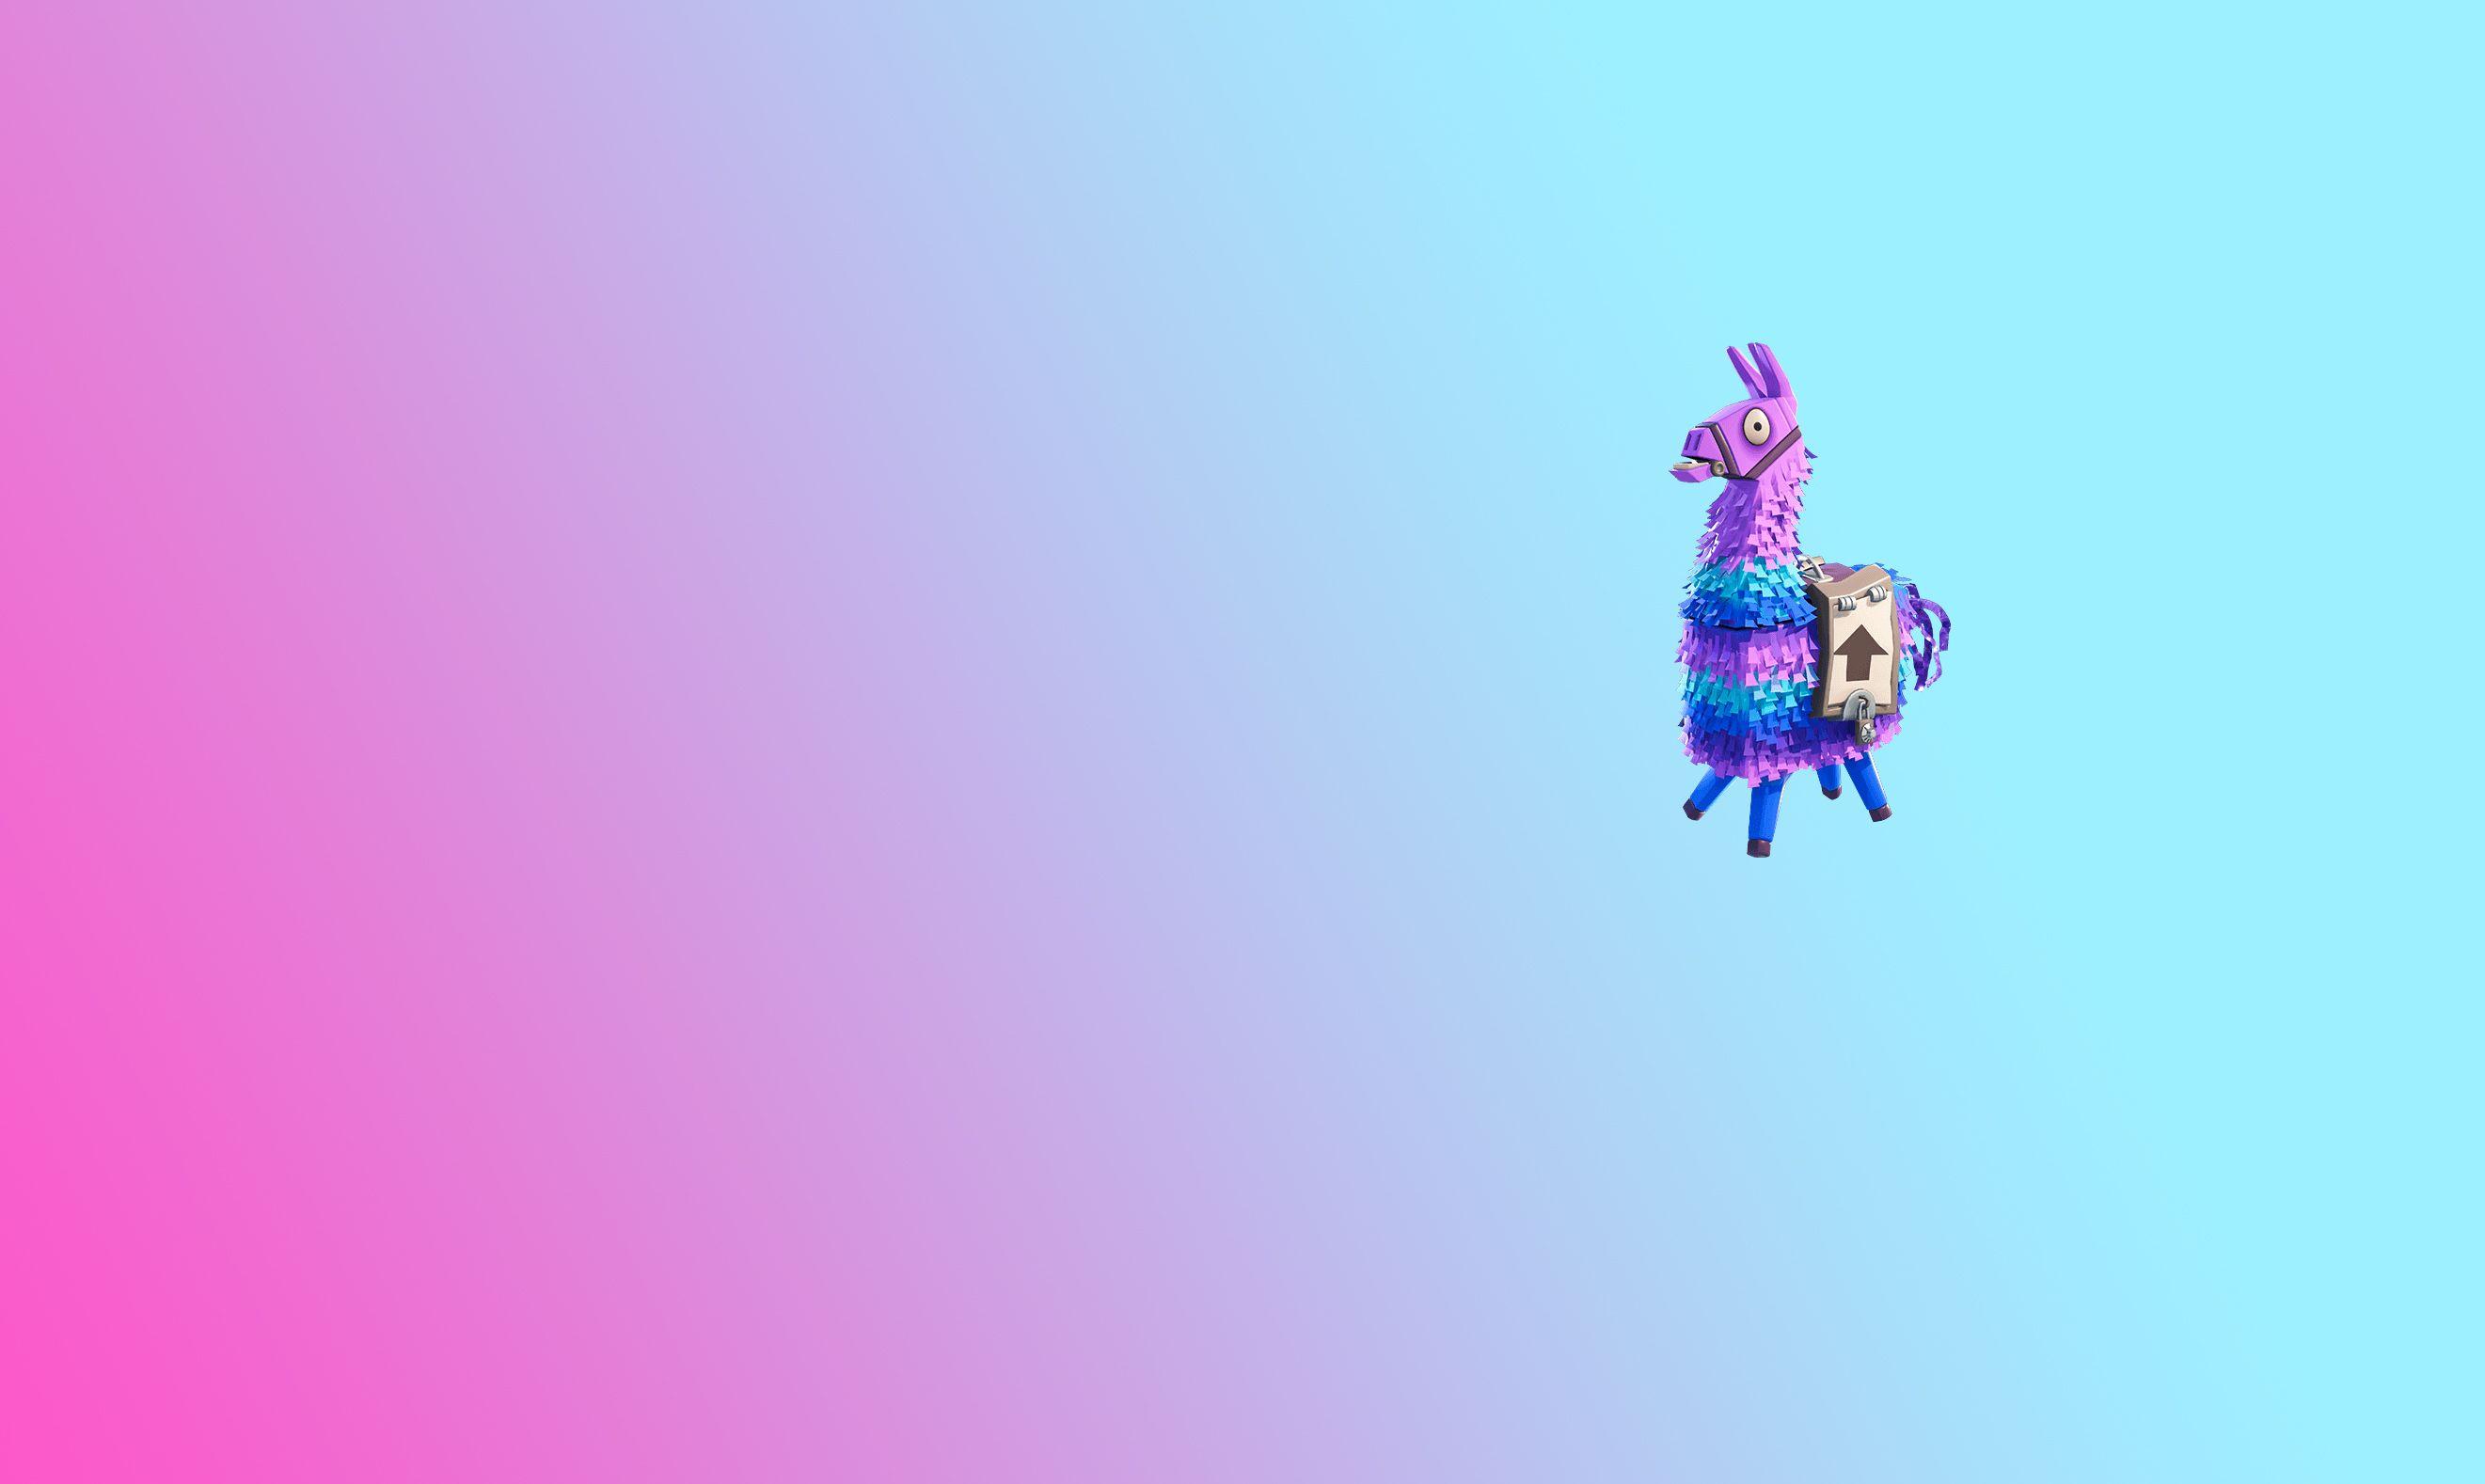 Fortnite   Lama Pinata Background Screensaver V1 Bostezando 2642x1578